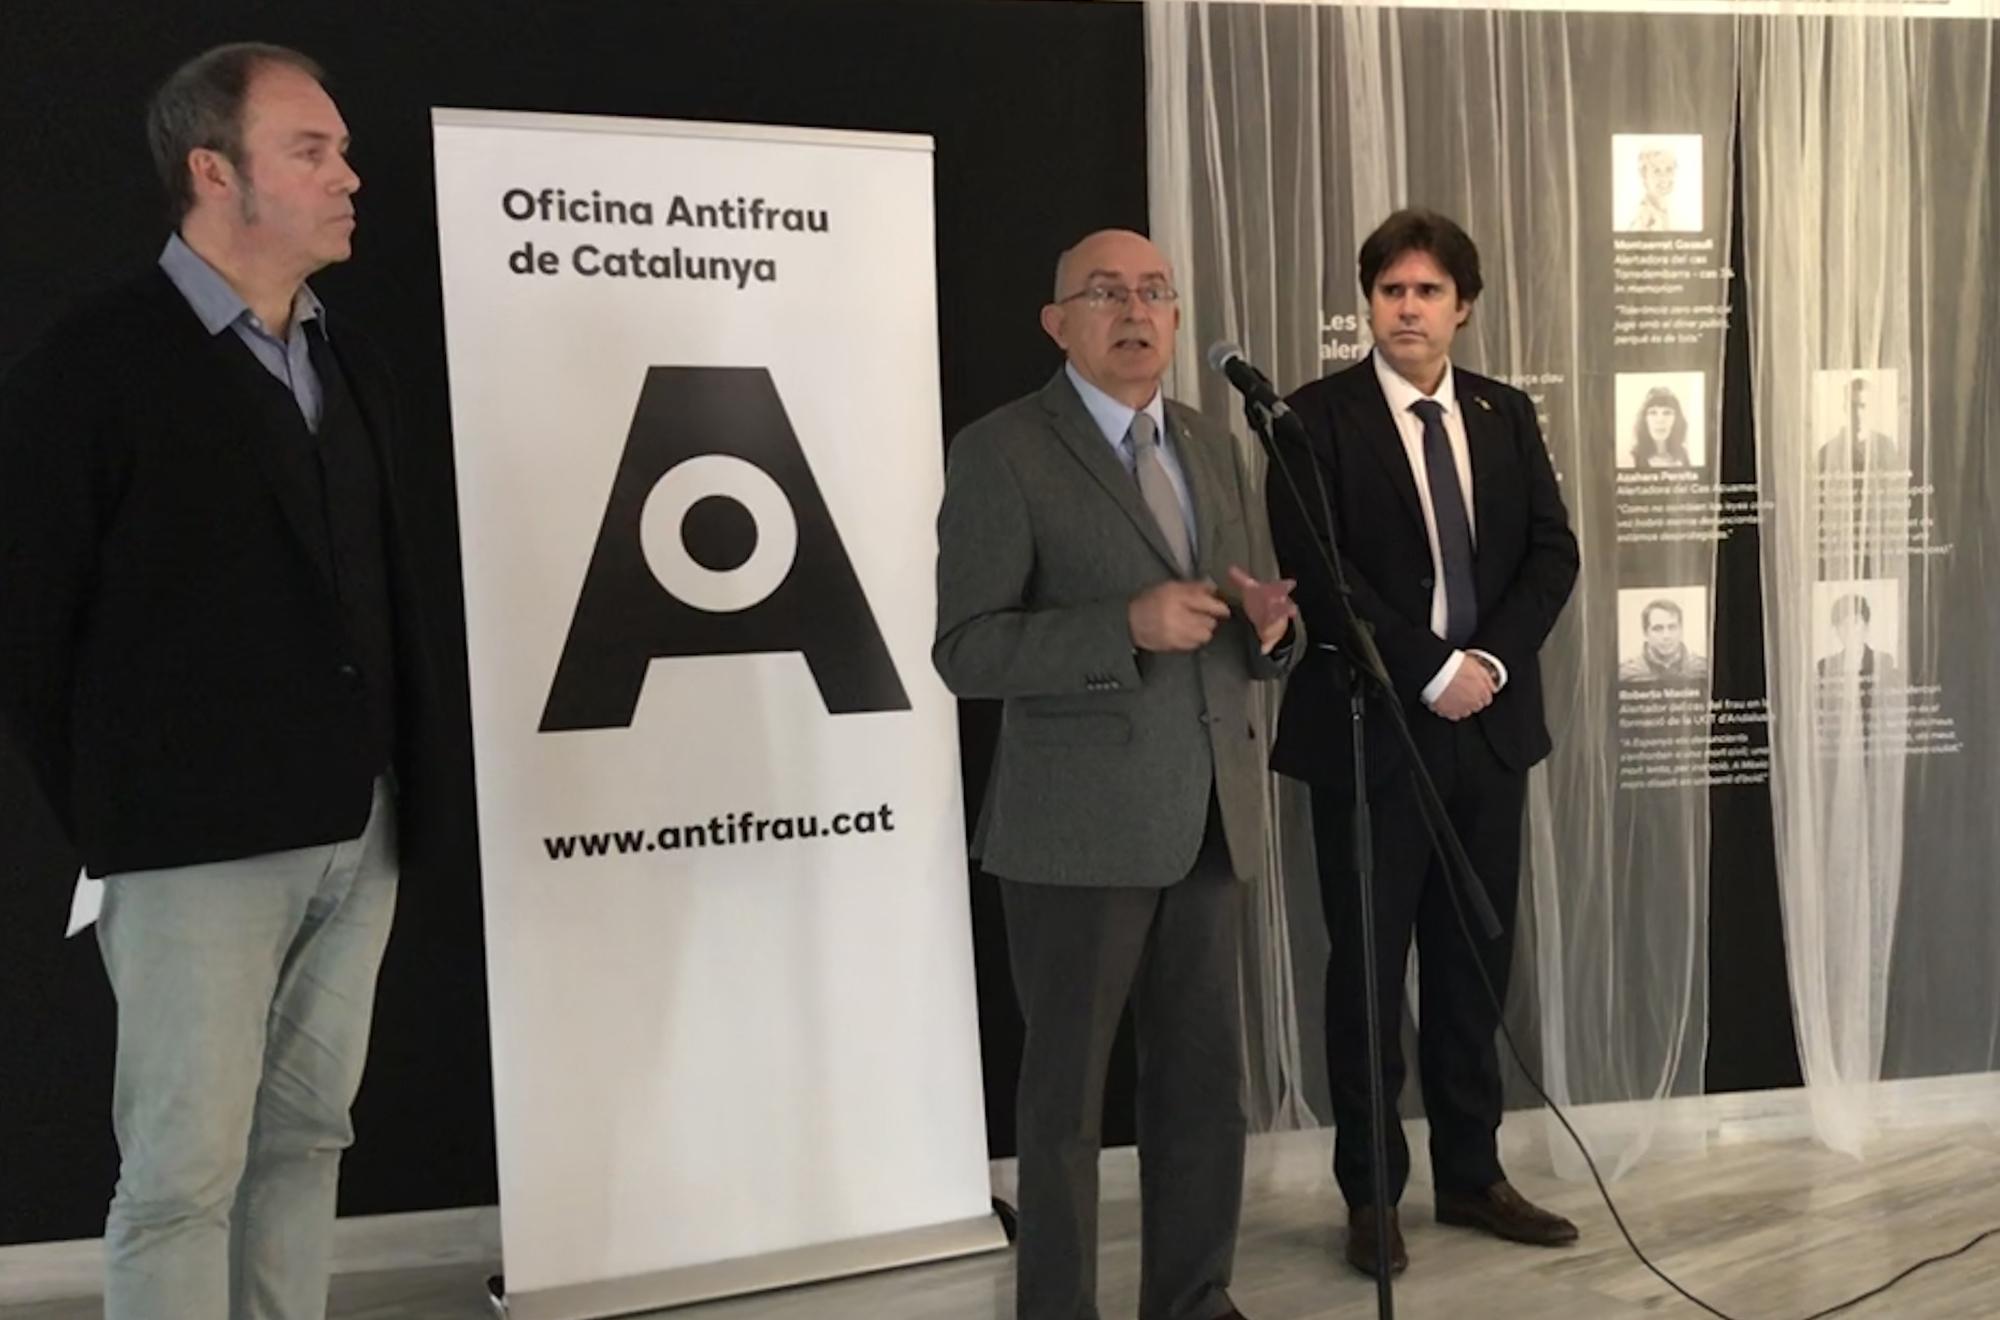 """El director d'Antifrau i el delegat del Govern a Girona han inaugurat l'exposició """"Corrupció! Revolta ètica"""" a l'Espai Santa Caterina"""